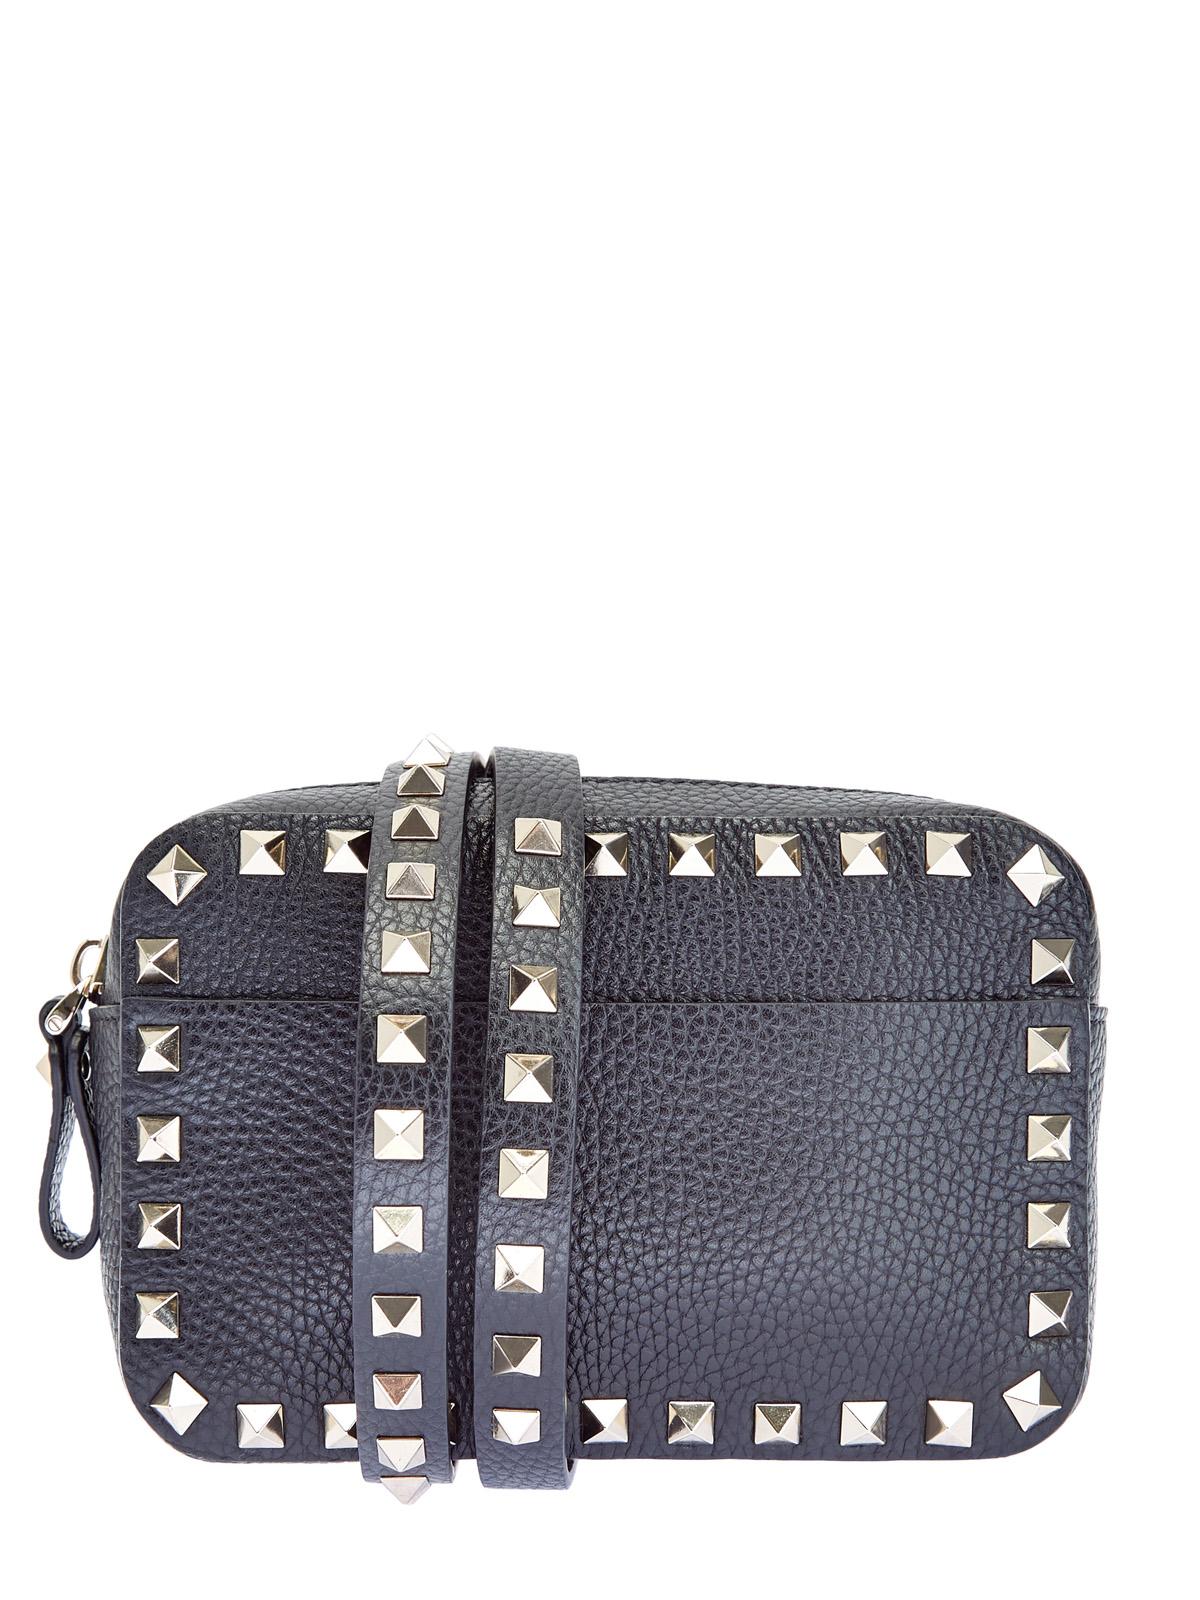 Компактная поясная сумка Rockstud из зернистой кожи